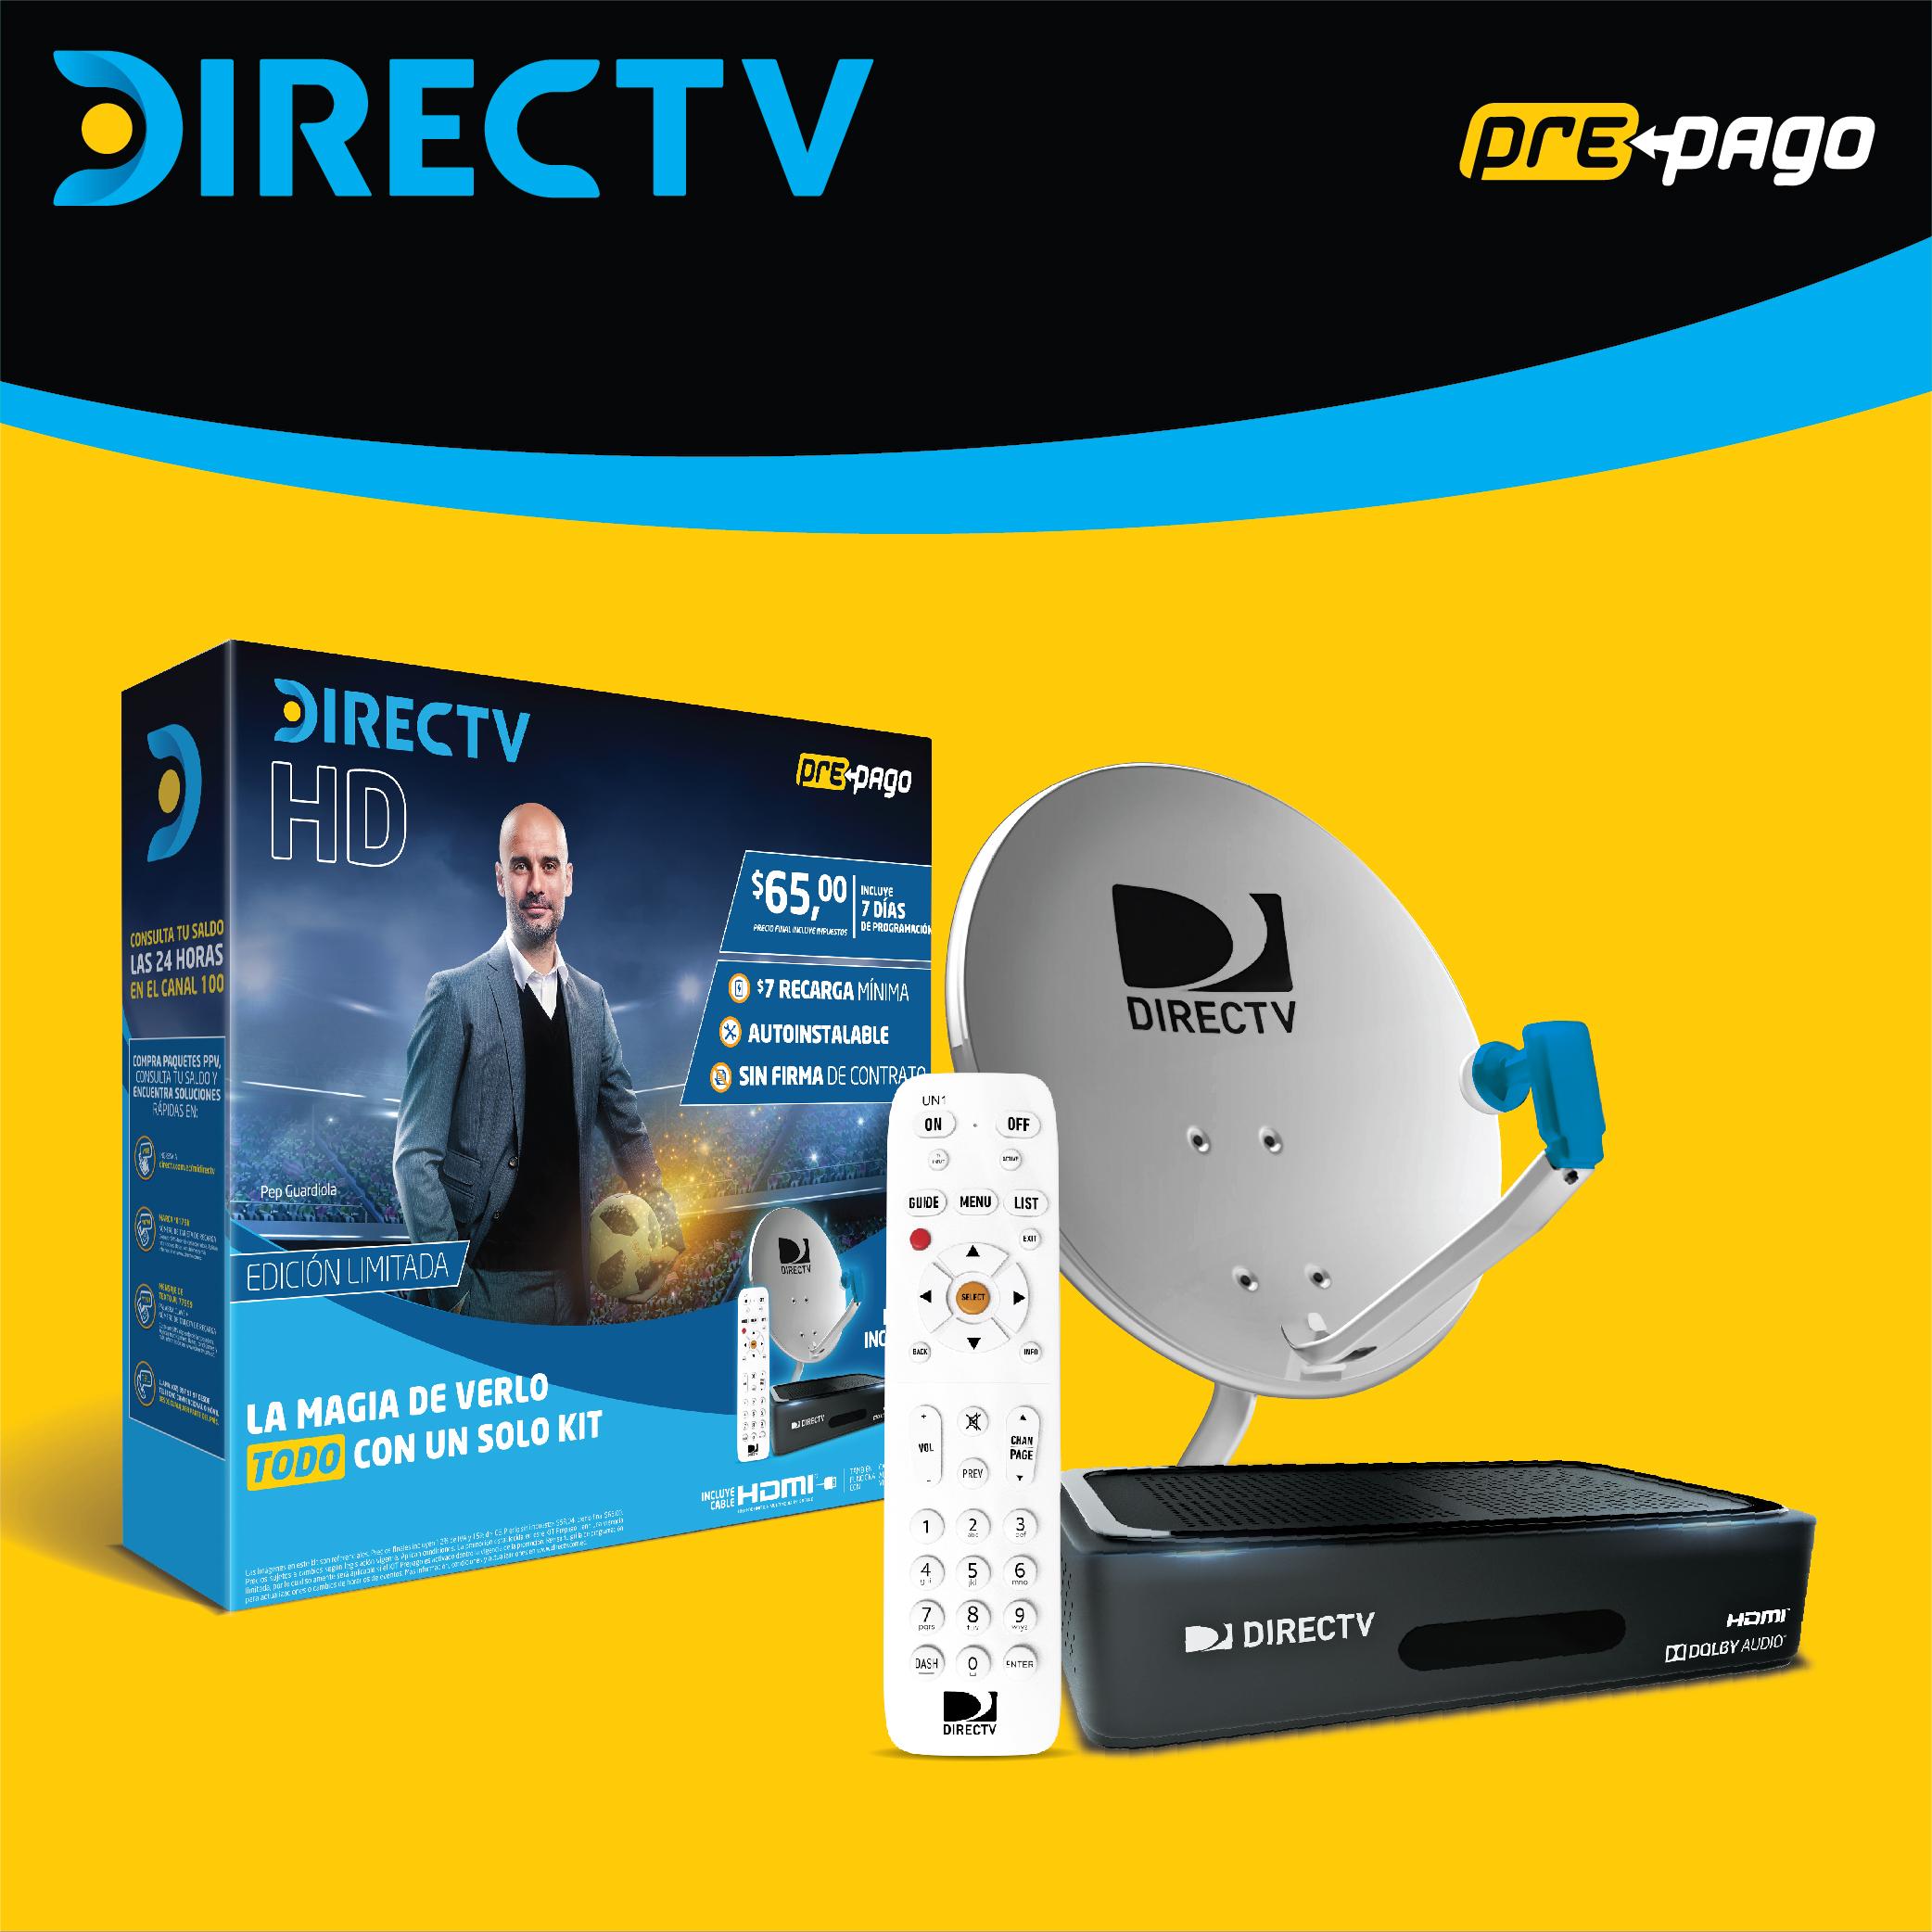 KIT PREPAGO DIRECTV HD INCLUYE ANTENA-DECODIFICADOR-HD Y TI